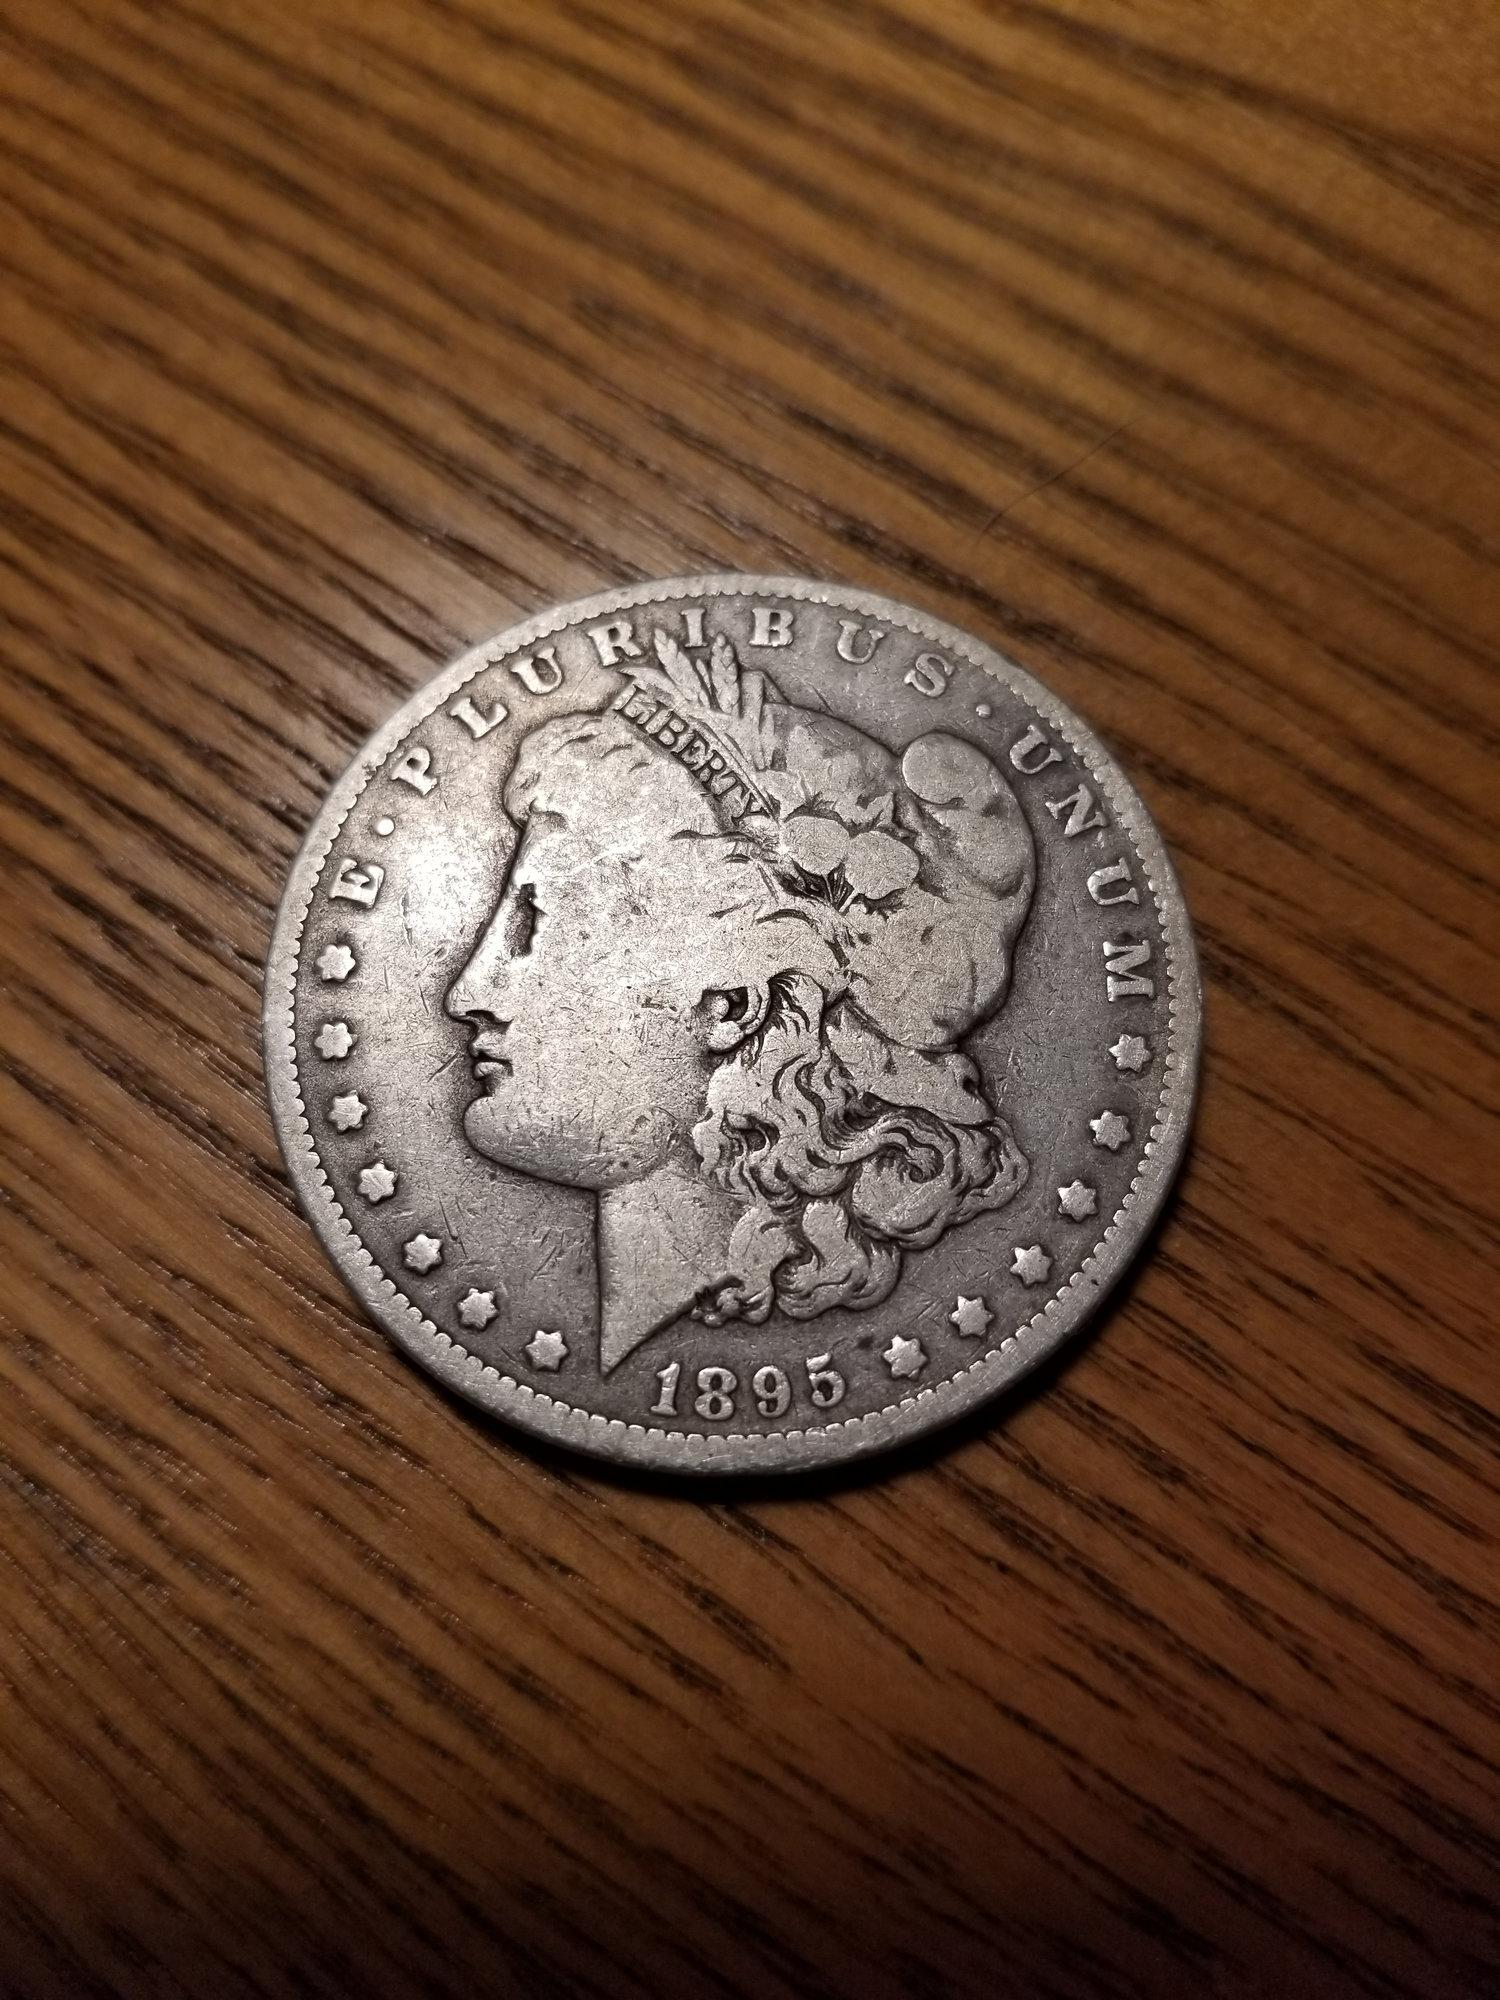 1895 ish morgan dollar — Collectors Universe